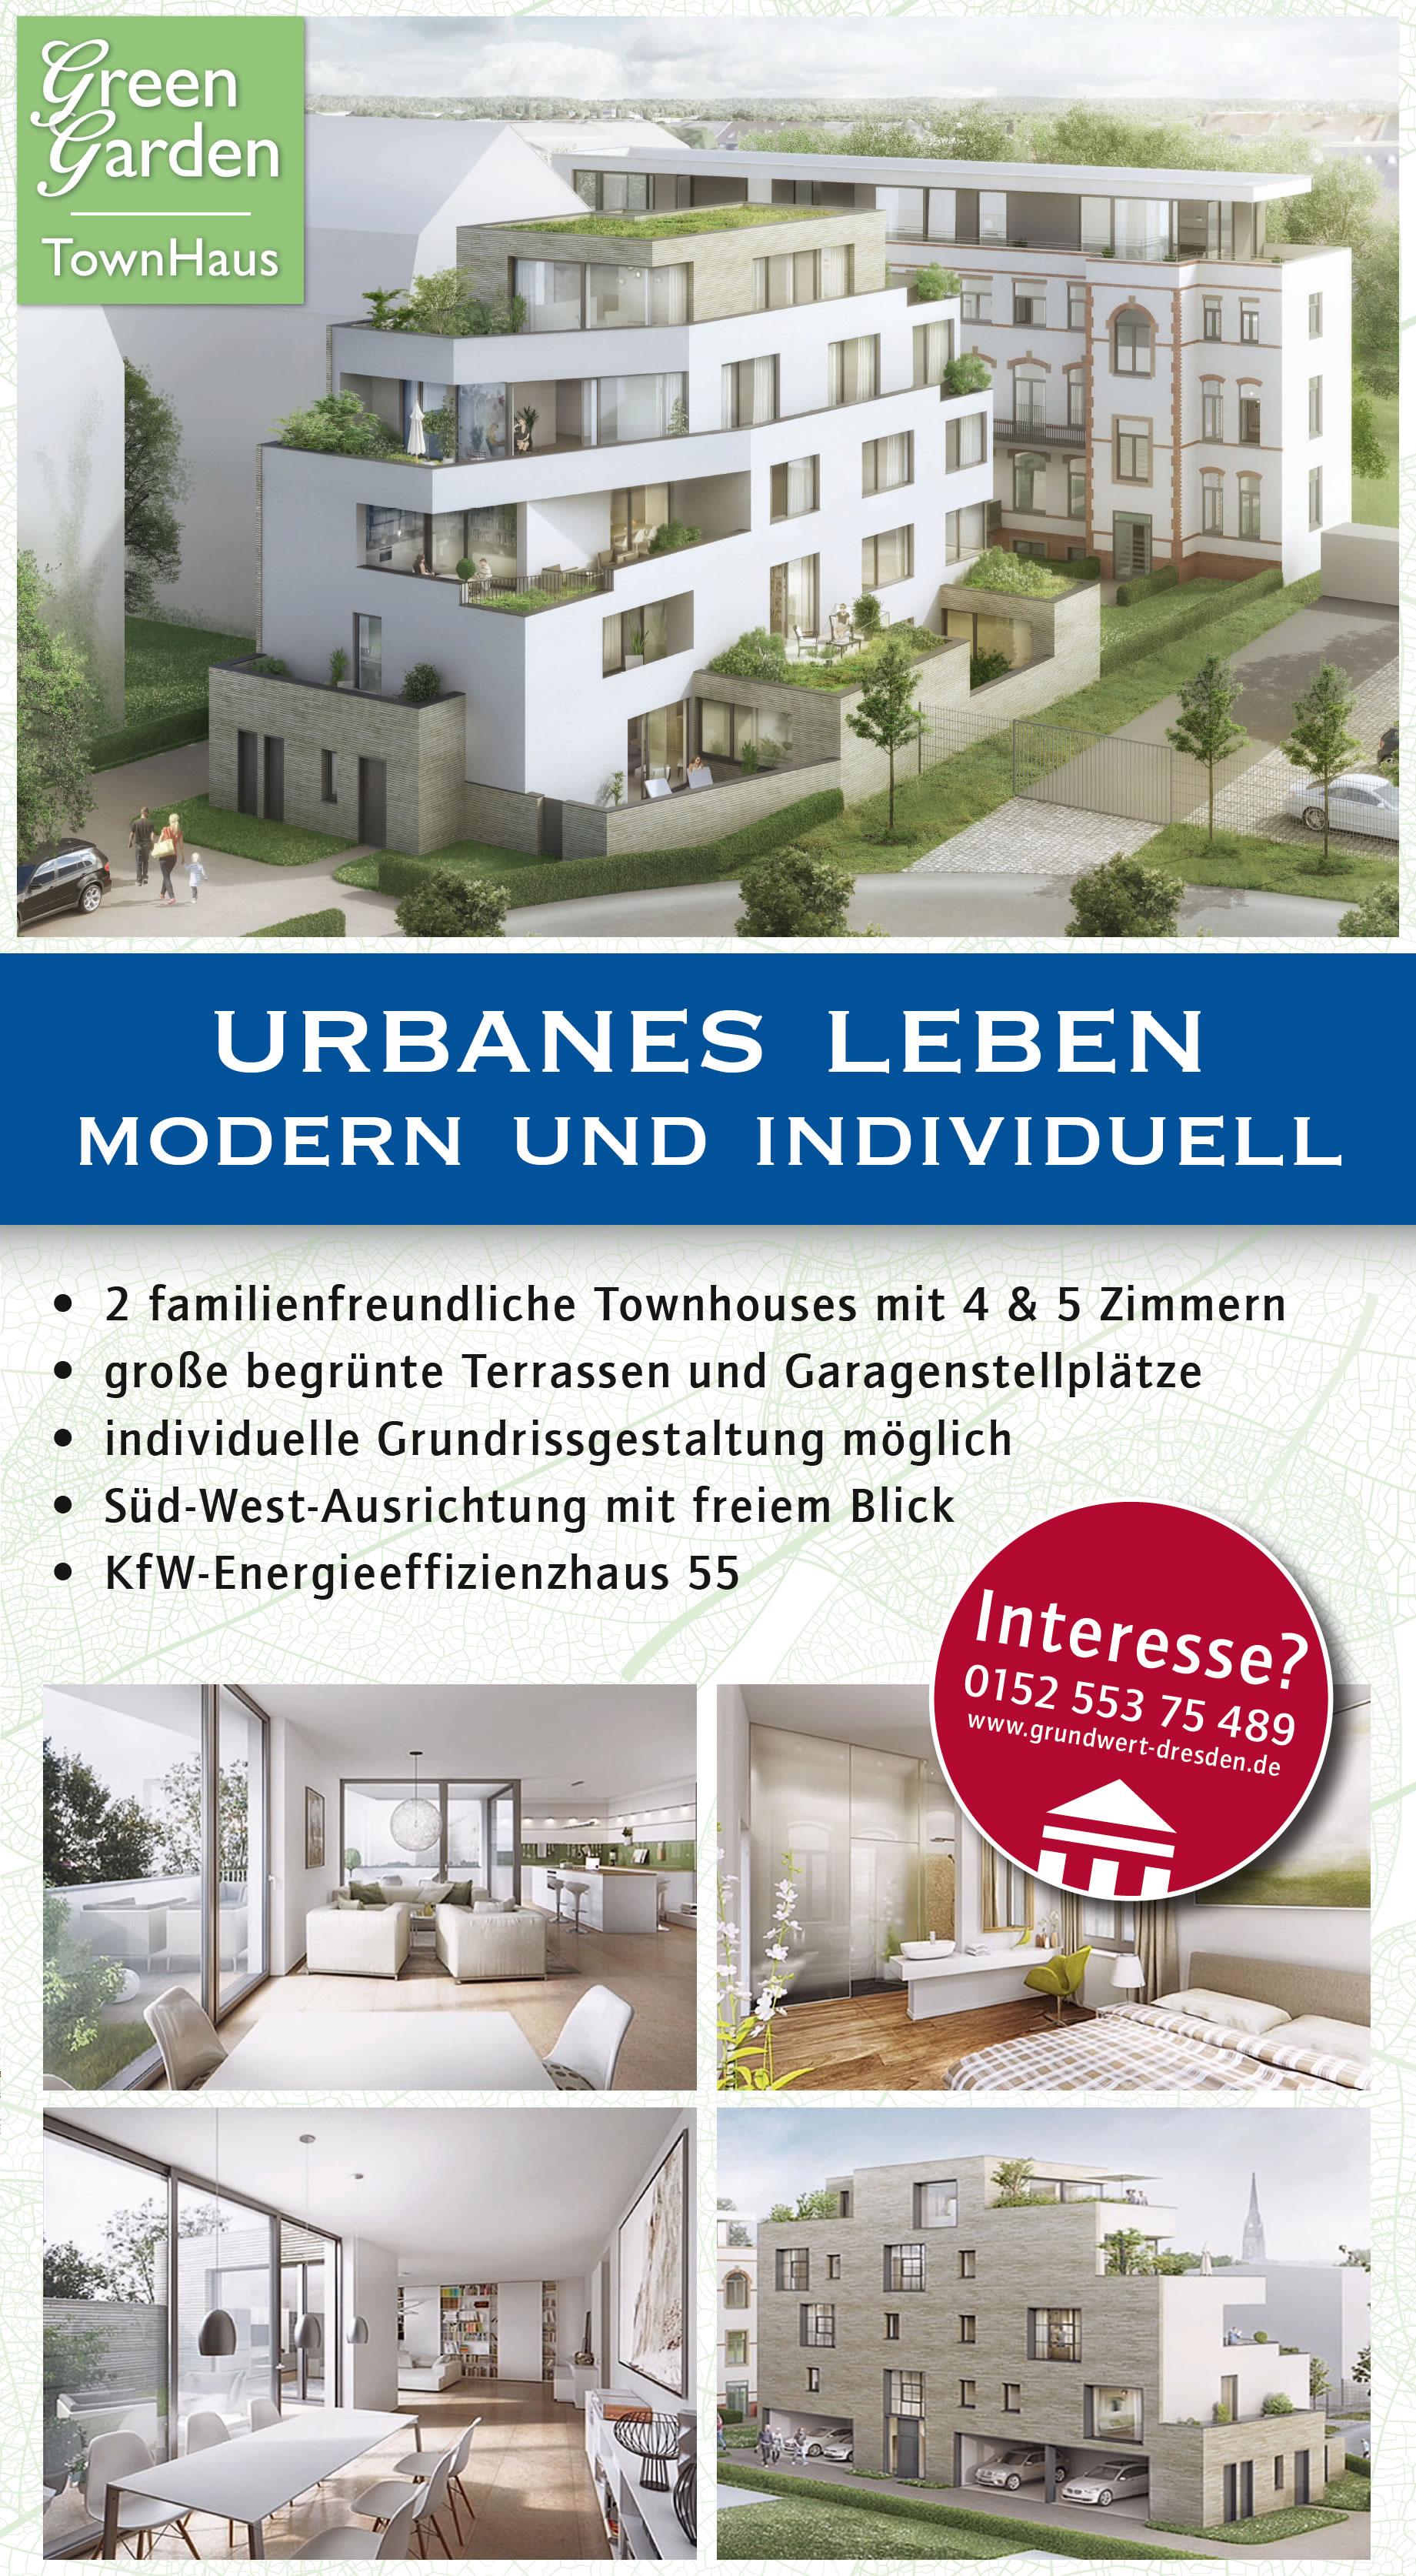 Grundwert Dresden – Ihr professioneller Immobilienmakler in Dresden